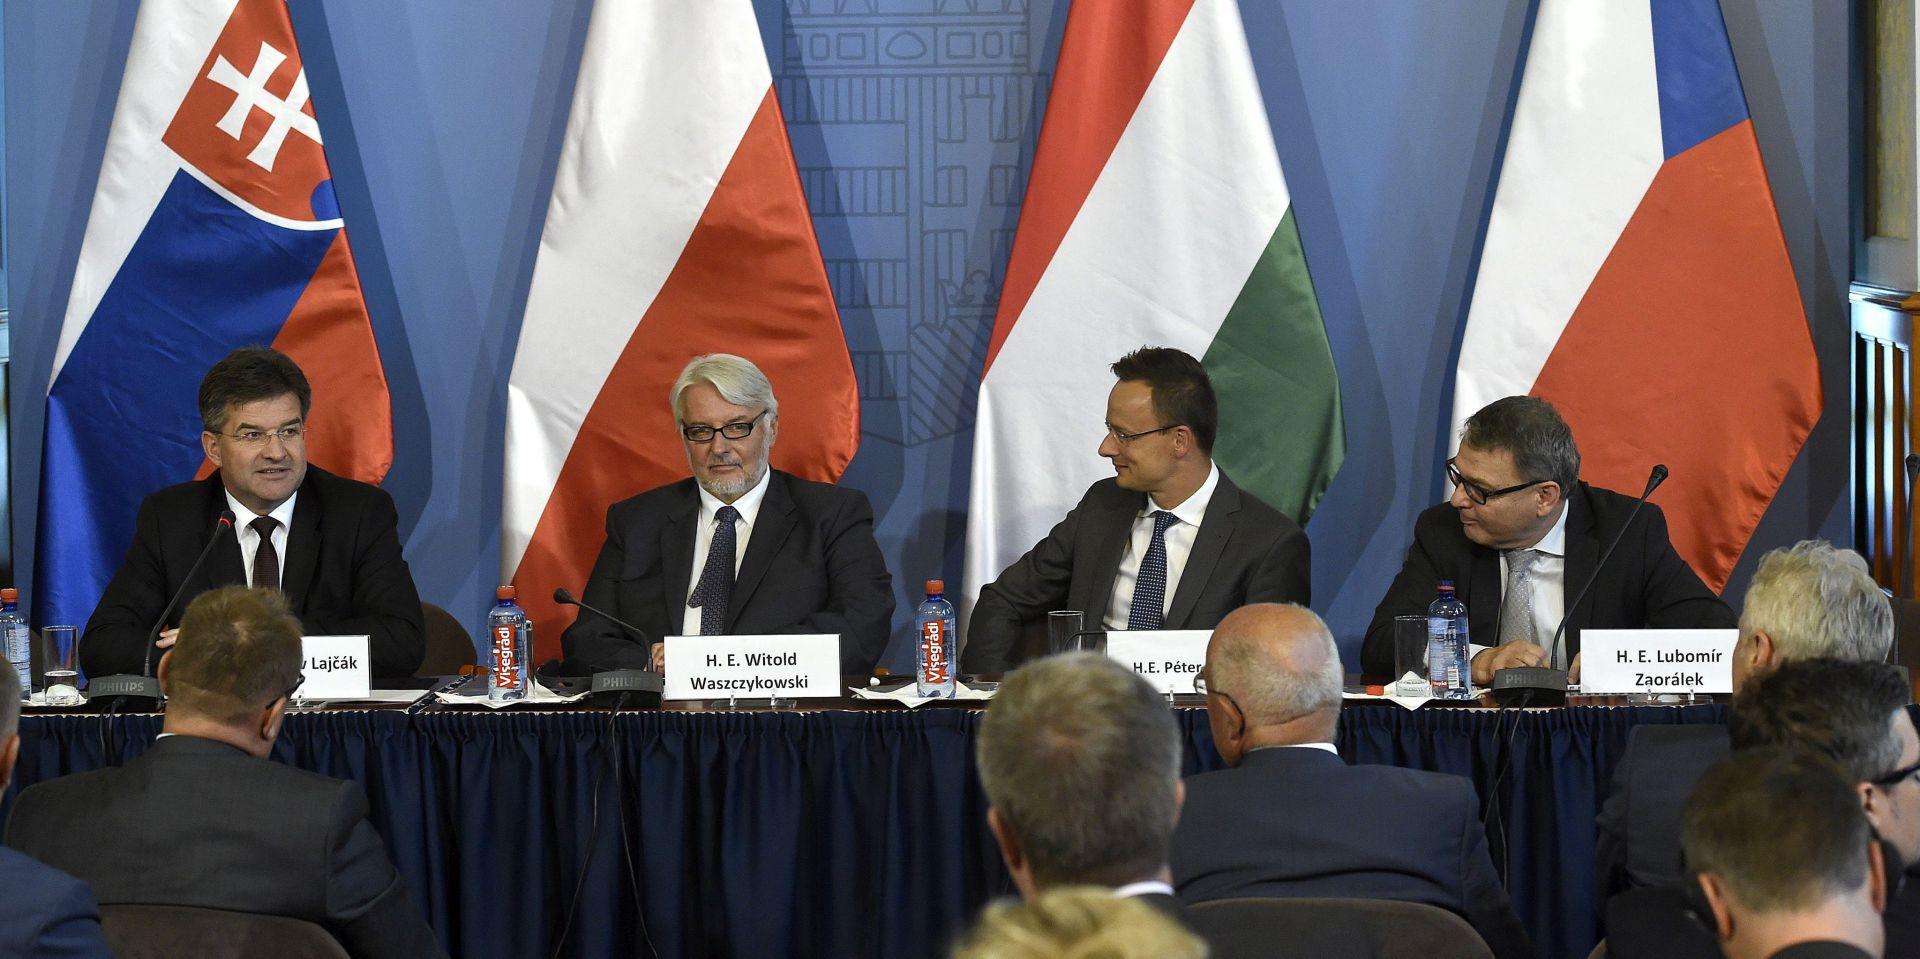 V4 I SUSJEDNE ZEMLJE: U Varšavi o izazovima migracija i sigurnosti